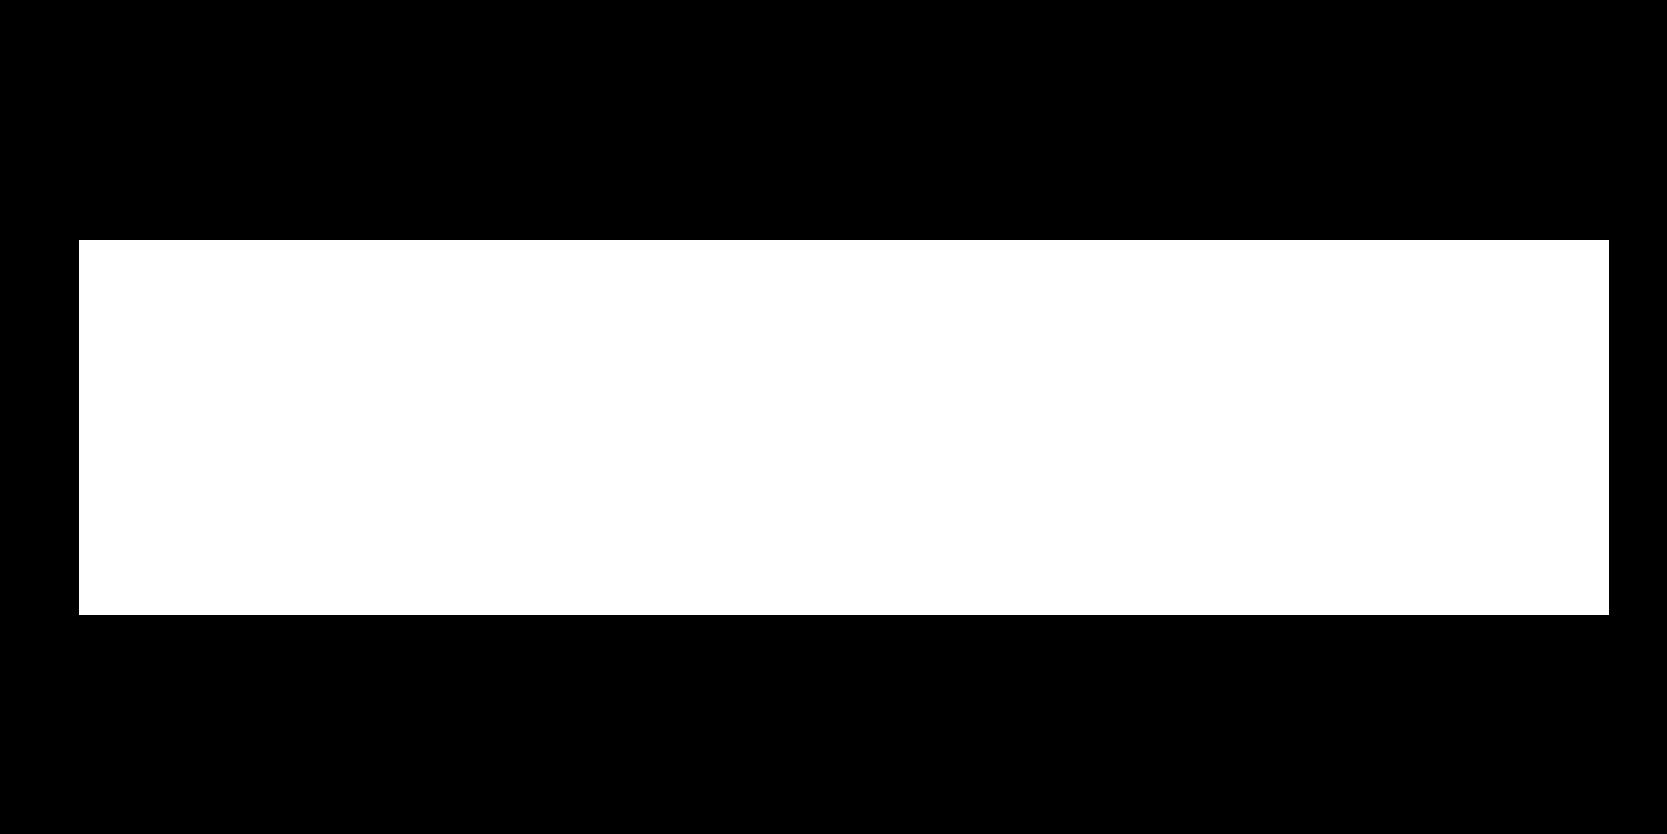 kla.png